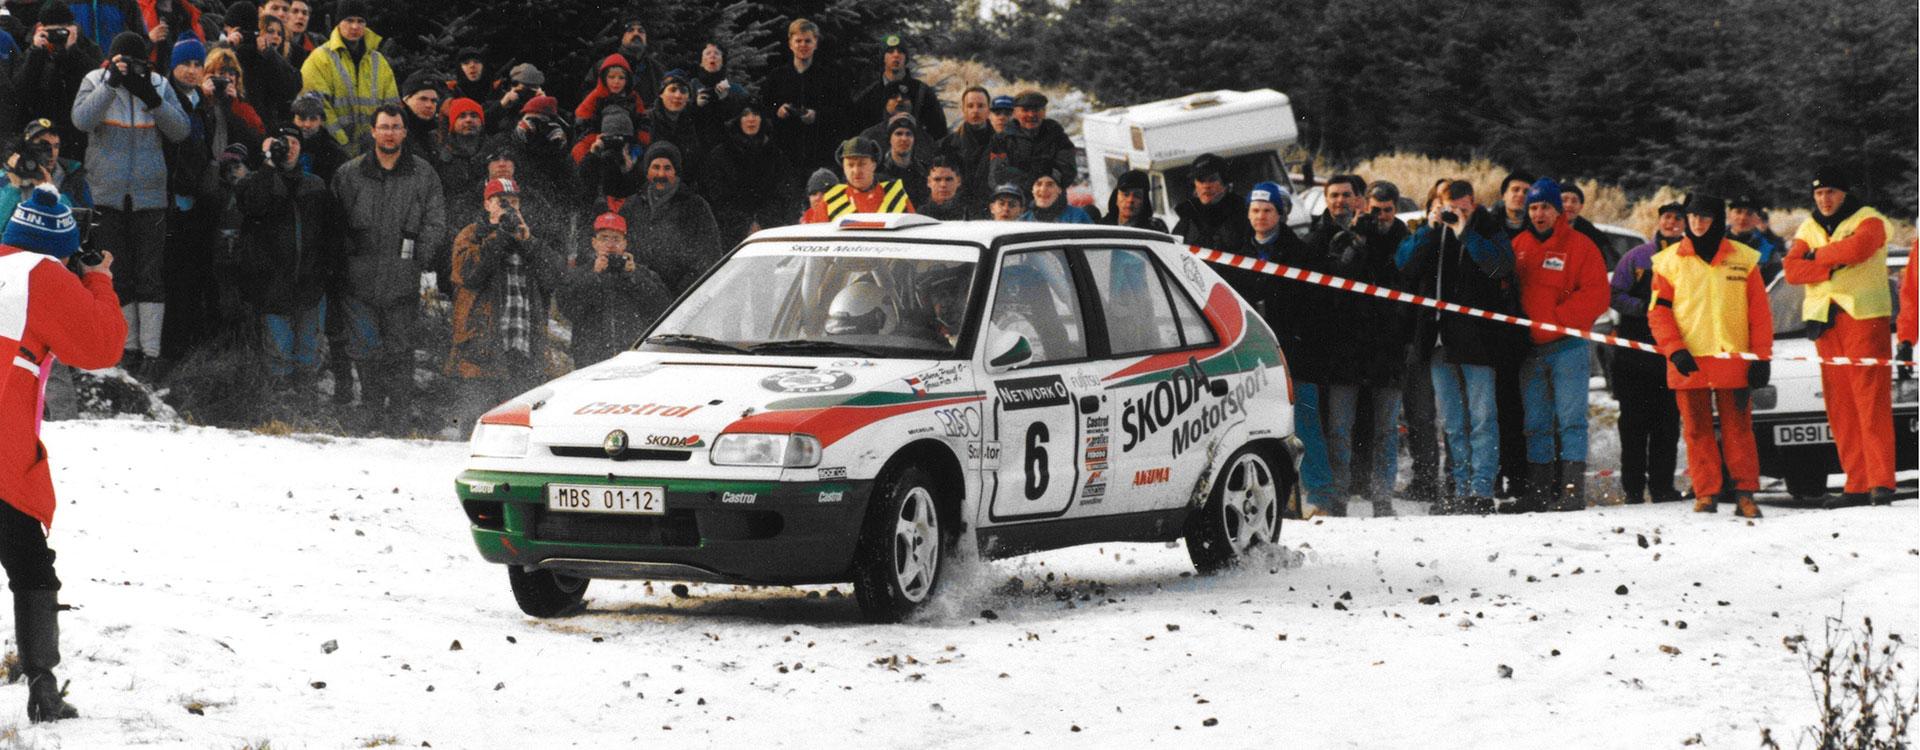 Z archivu: V roce 1996 Stig Blomqvist s vozem ŠKODA FELICIA KIT CAR dobyl v Británii stupně vítězů